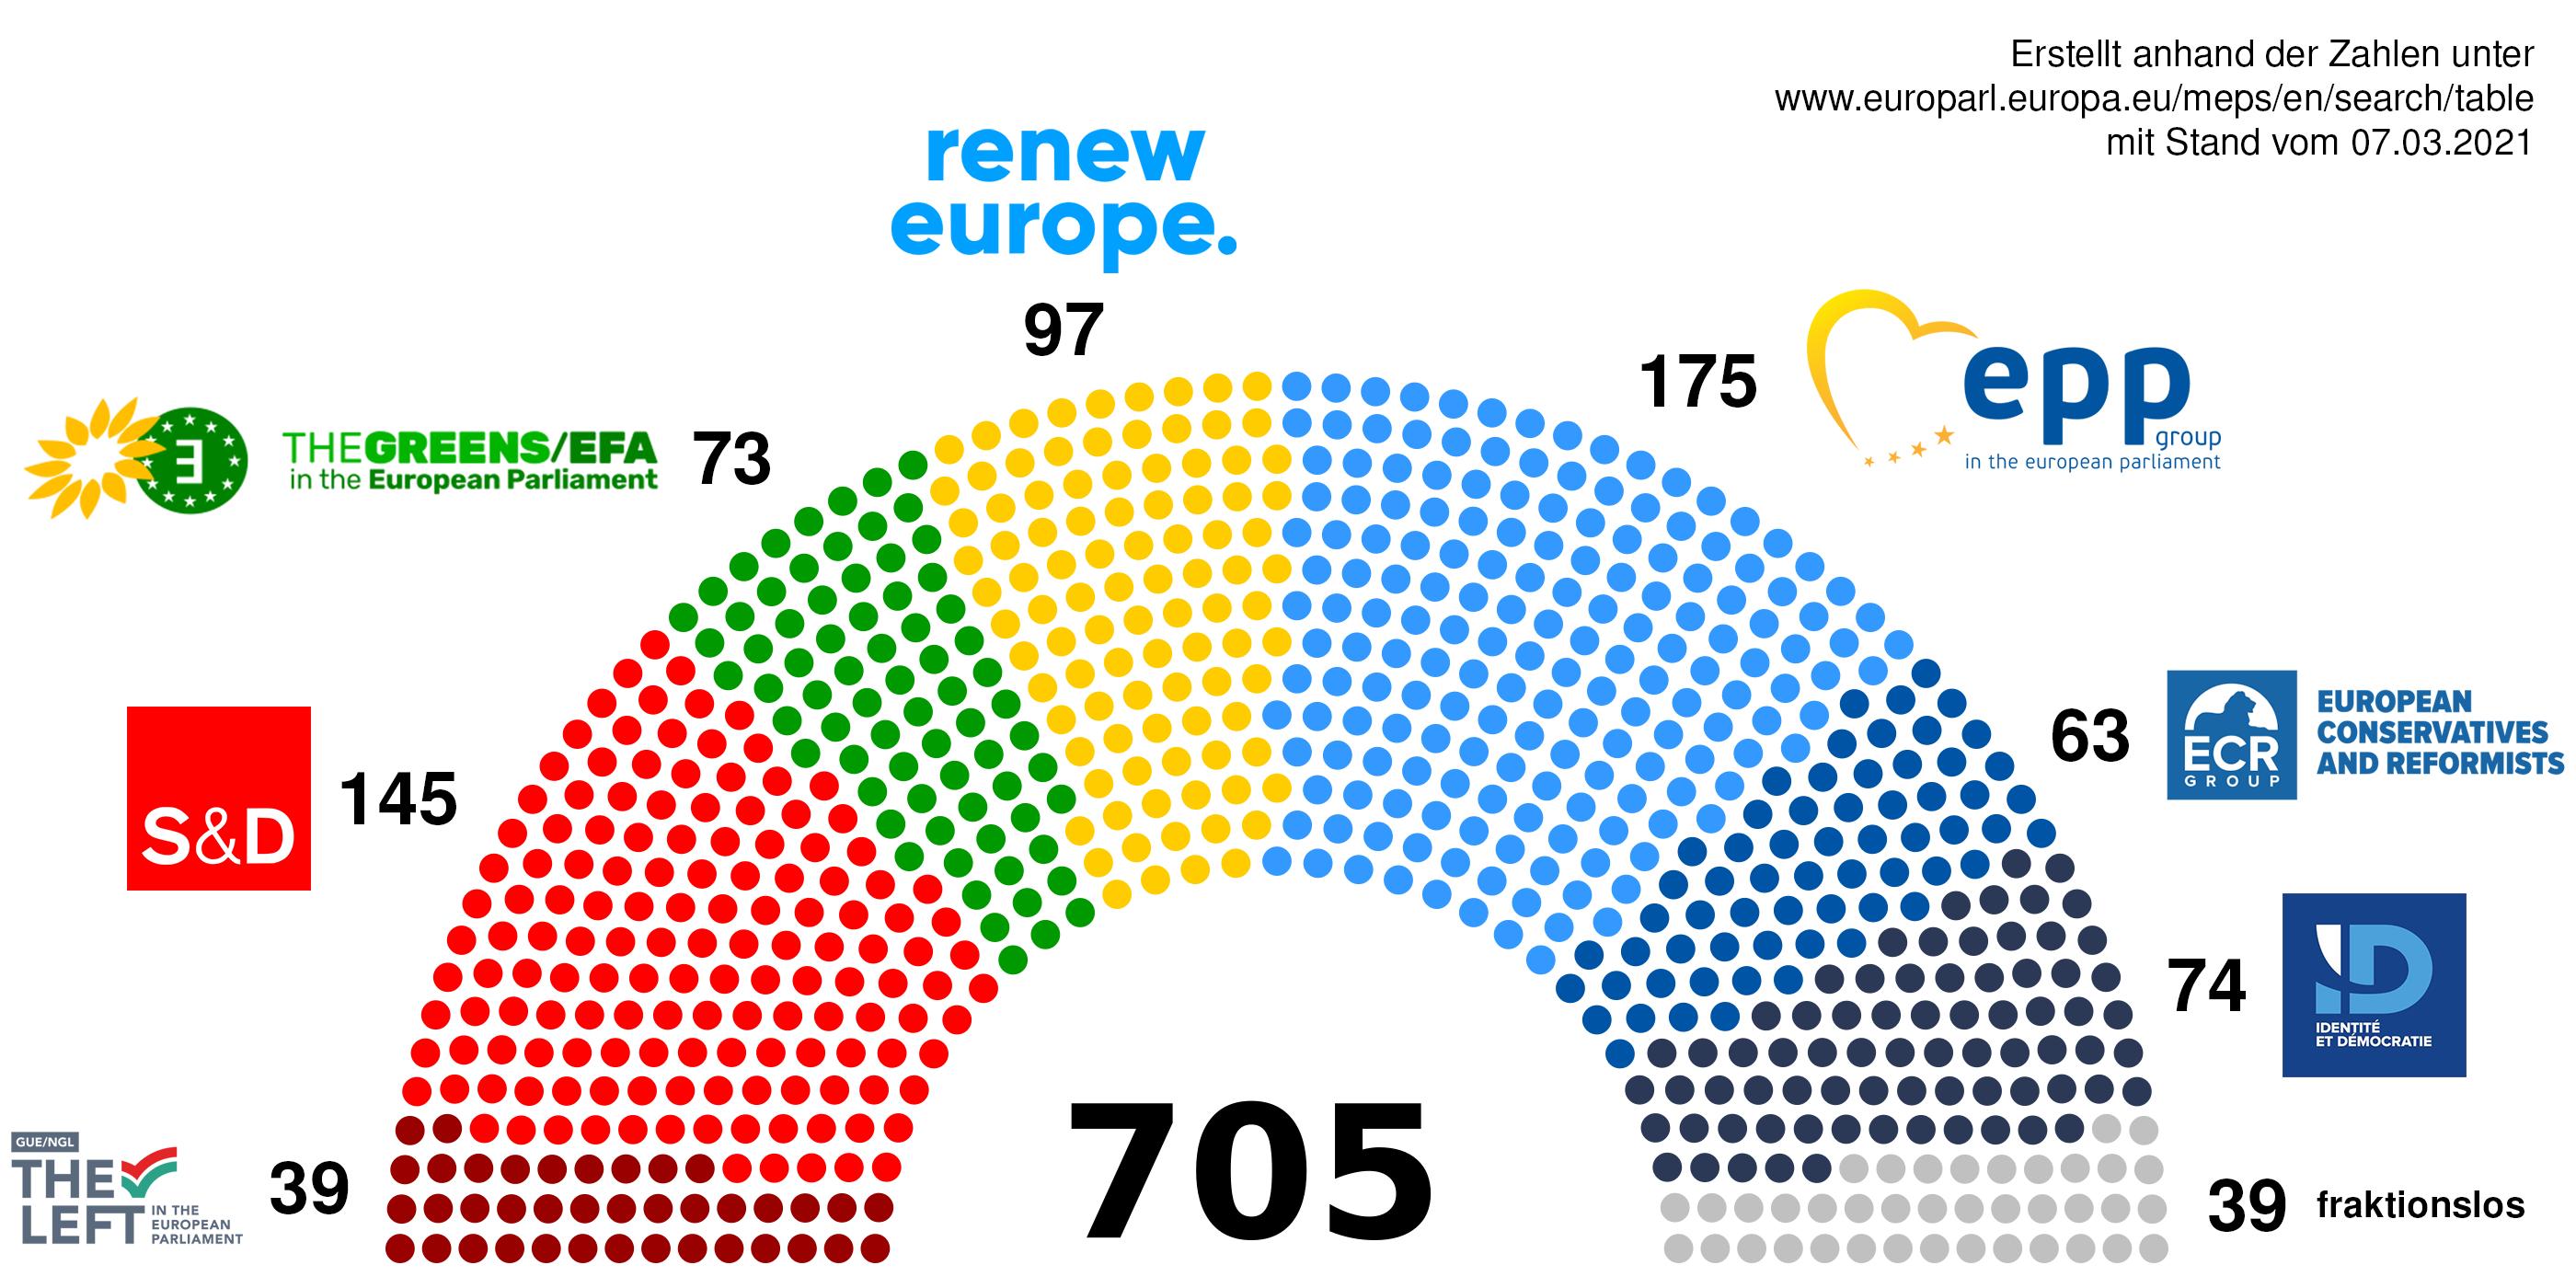 Sitzverteilung im Europäischen Parlament; Anordnung und Stärke der Fraktionen von links nach rechts: The Left, 39 Sitze - S&D, 145 Sitze - The Greens/EFA, 73 Sitze - renew europe, 97 Sitze - EPP, 175 Sitze - ECR, 63 Sitze - ID 74 Sitze - fraktionslos, 39 Sitze; Datenquelle www.europarl.europa.eu/meps/en/search/table mit Stand vom 07.03.2021